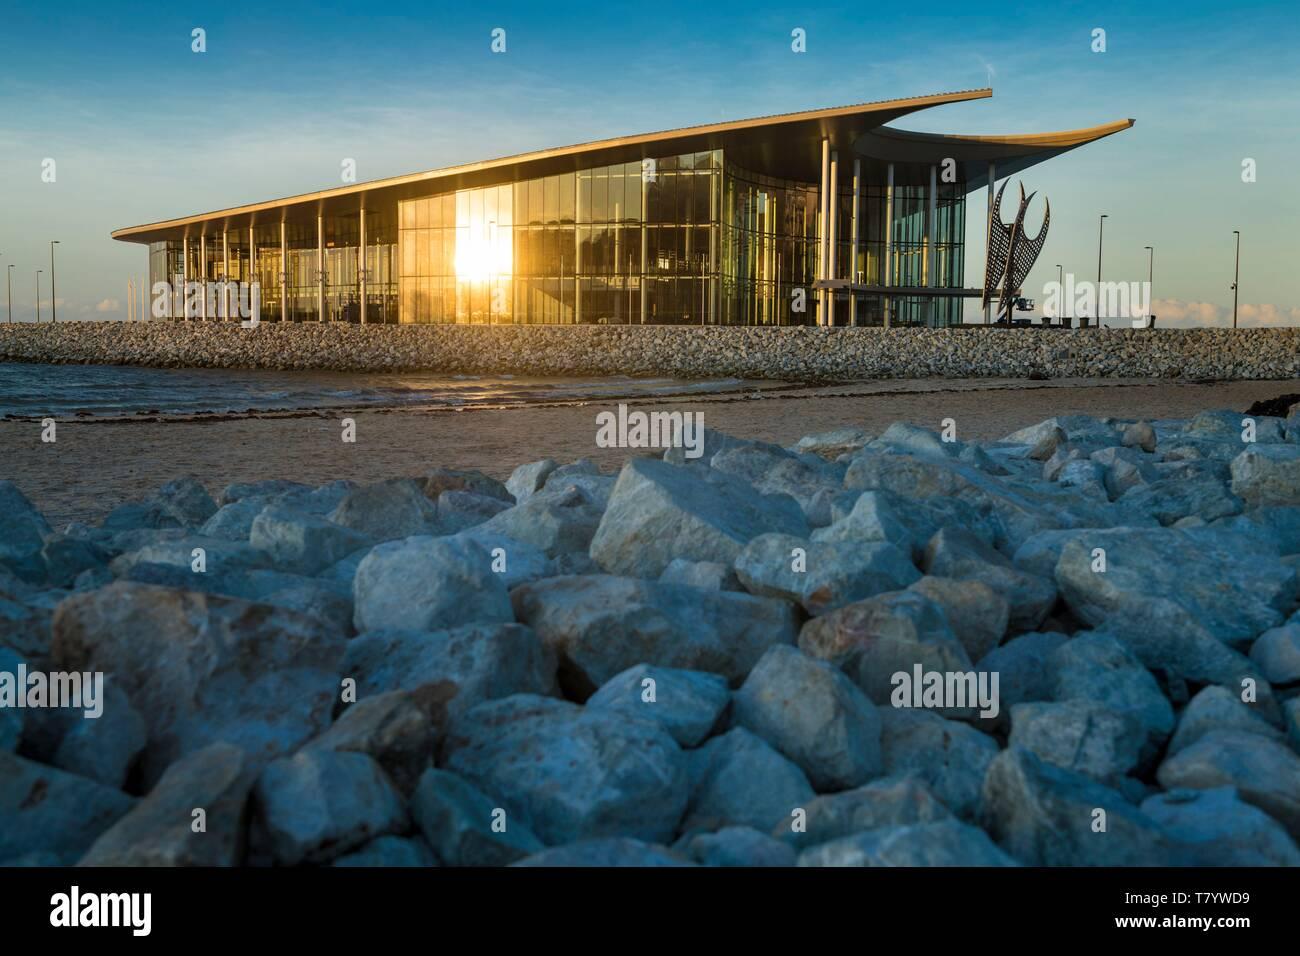 La Papouasie-Nouvelle-Guinée, la Papouasie-Nouvelle-bay, District de la capitale nationale, la ville de Port Moresby, Ela Beach, l'Apec Haus Bâtiment conçu comme un voile Lakatoi Photo Stock